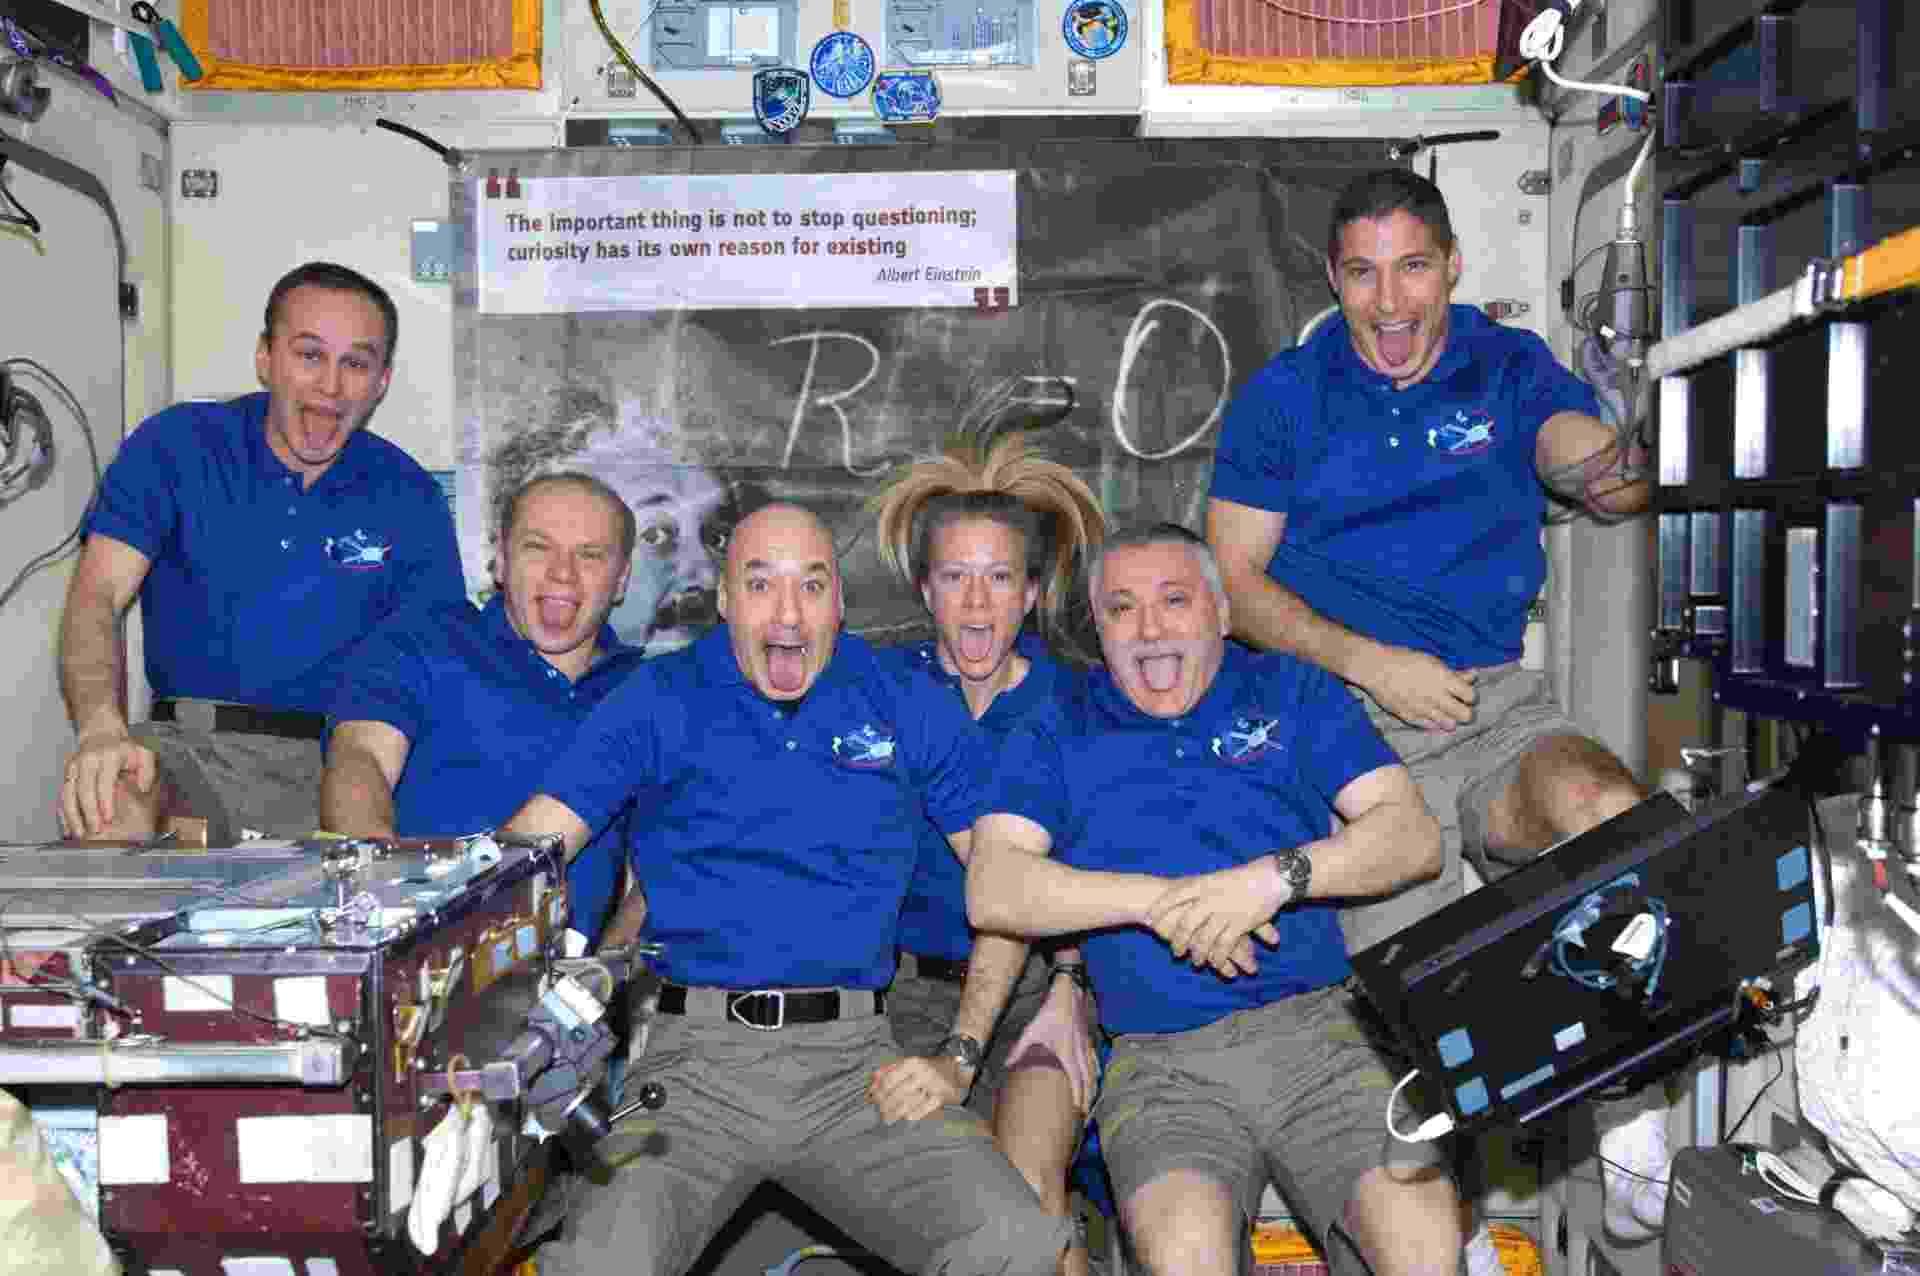 29.out.2013 - A tripulação da Estação Espacial Internacional (ISS, na sigla em inglês) prestou um tributo a Albert Einstein ao imitar a icônica imagem do físico mostrando a língua, de 1951, quando ele foi fotografado no aniversário de 72 anos por Arthur Sasse. Os seis astronautas se despediram do cargueiro da Agência Espacial Europeia (ESA, na sigla em inglês), batizado com o nome do cientista que desatracou nesta segunda-feira (28), às 08h55 GMT, após levar suprimentos para a plataforma orbital - ESA/Nasa